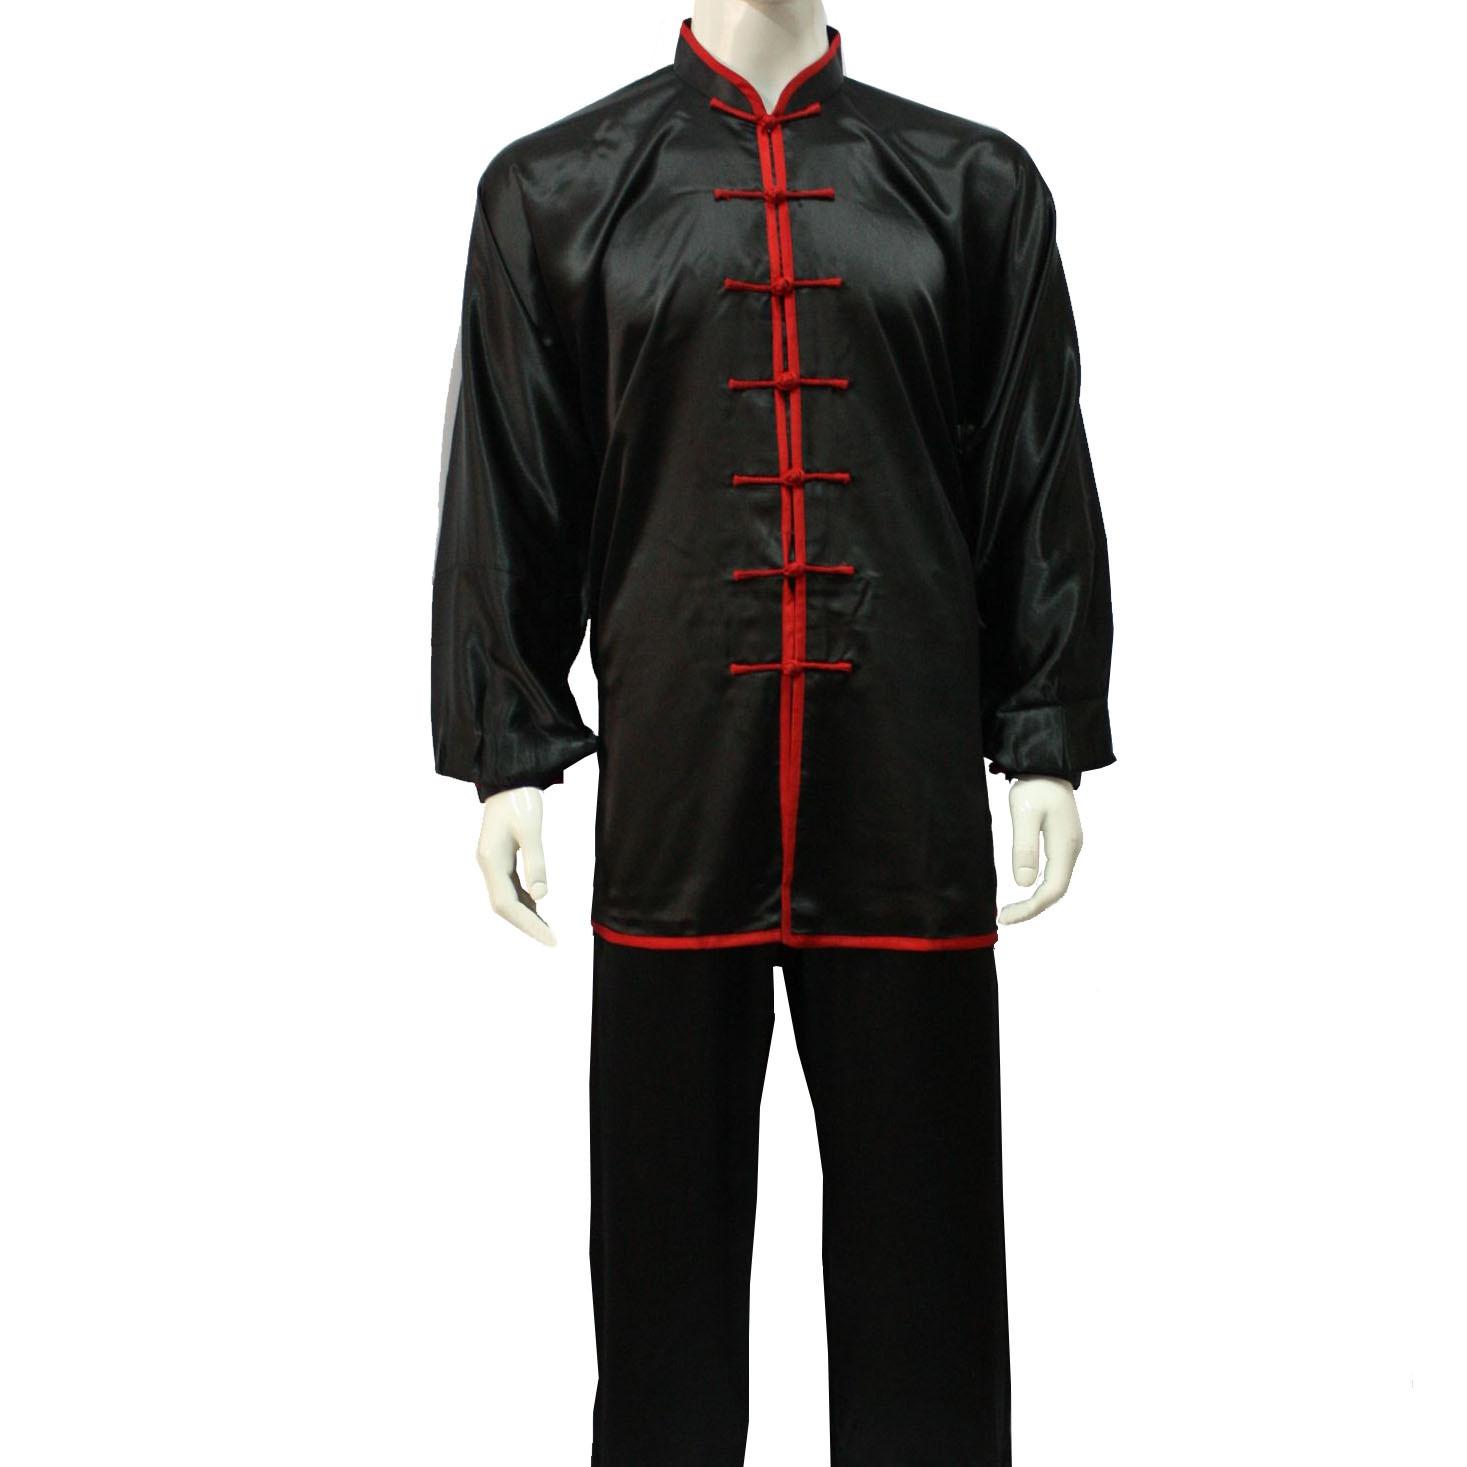 Tenue Personnalisée Tai Chi et Kung Fu en imitation soie